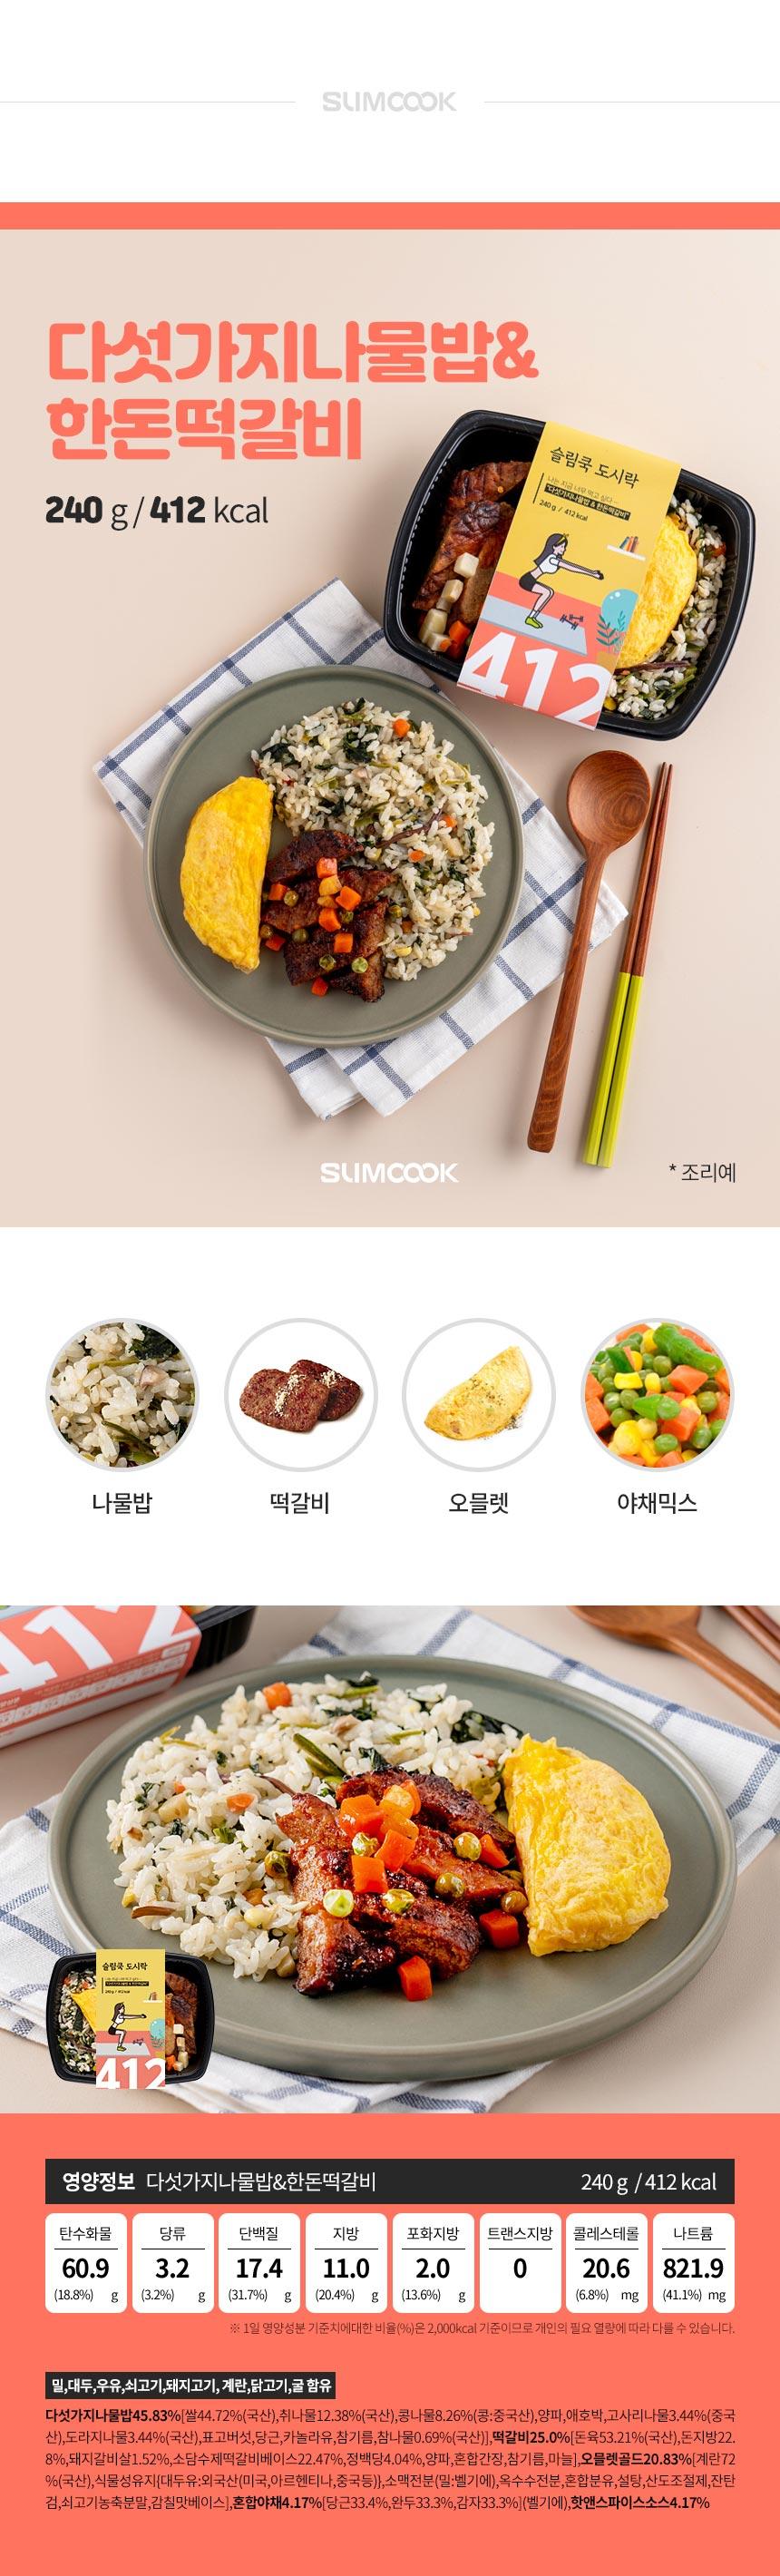 슬림쿡 냉동도시락 디섯가지나물밥&한돈떡갈비